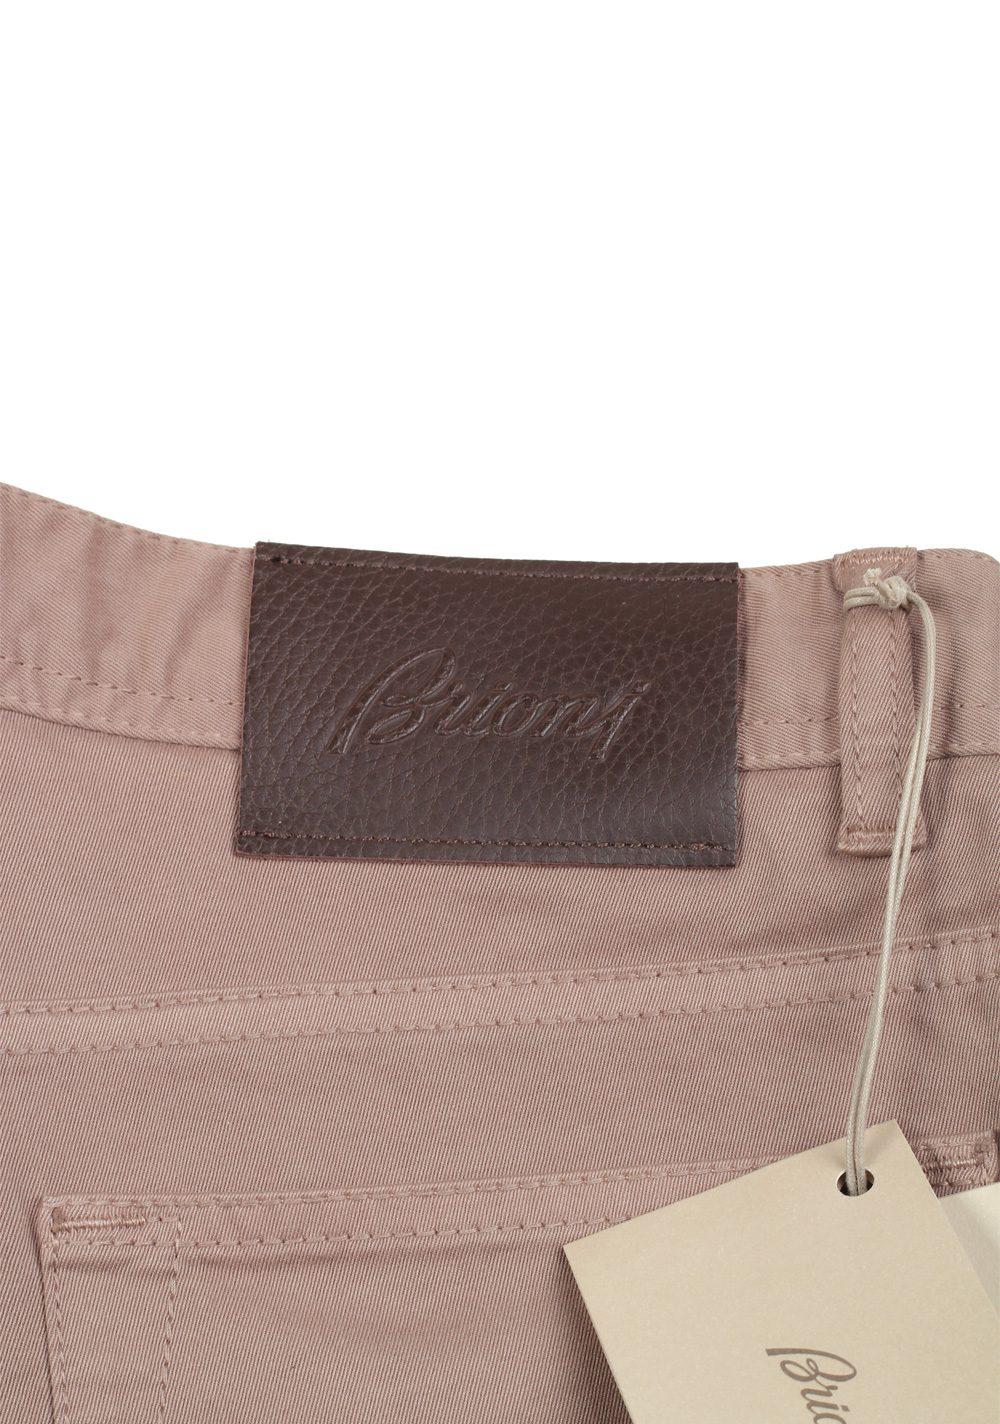 Brioni Brown Jeans SPL43Q Trousers Size 56 / 40 U.S. | Costume Limité